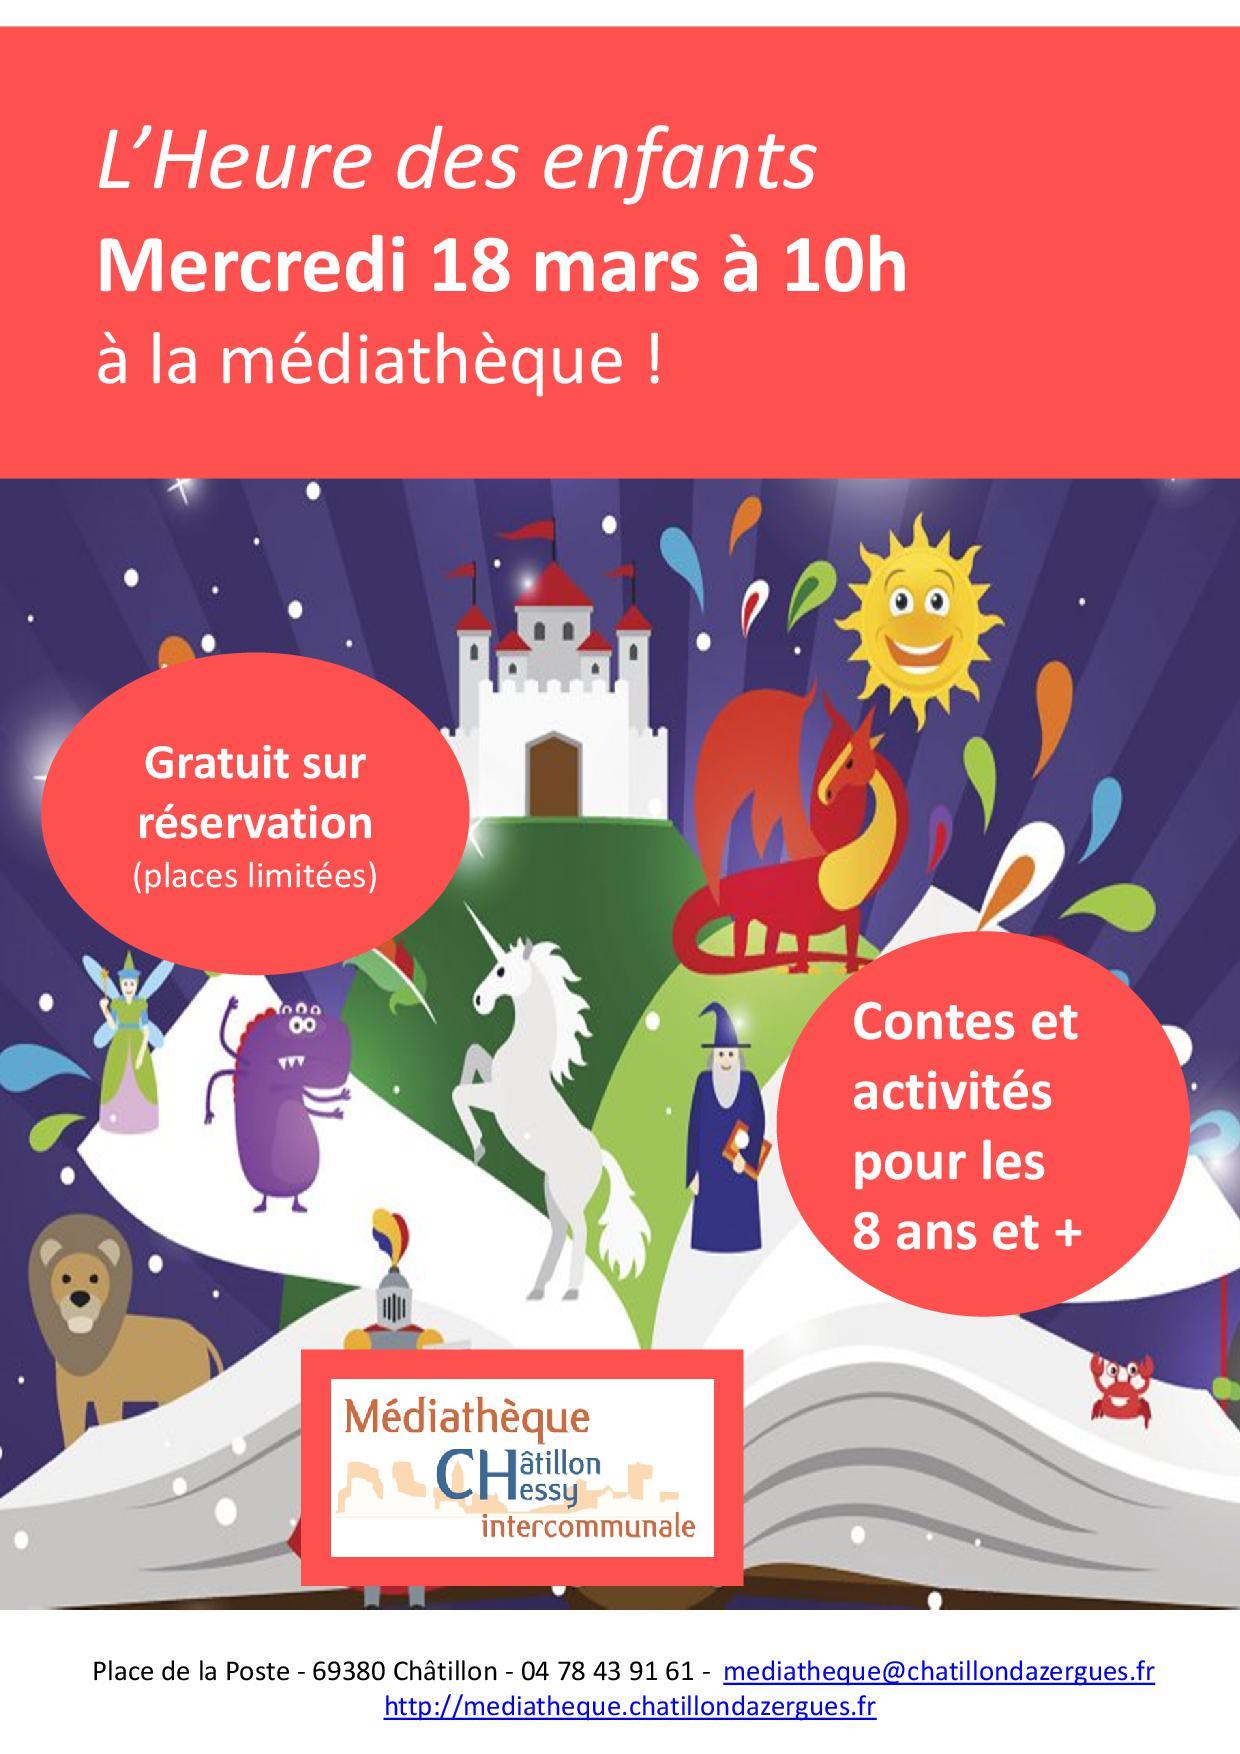 heure_des_enfants_8_et_plus_mars_2020